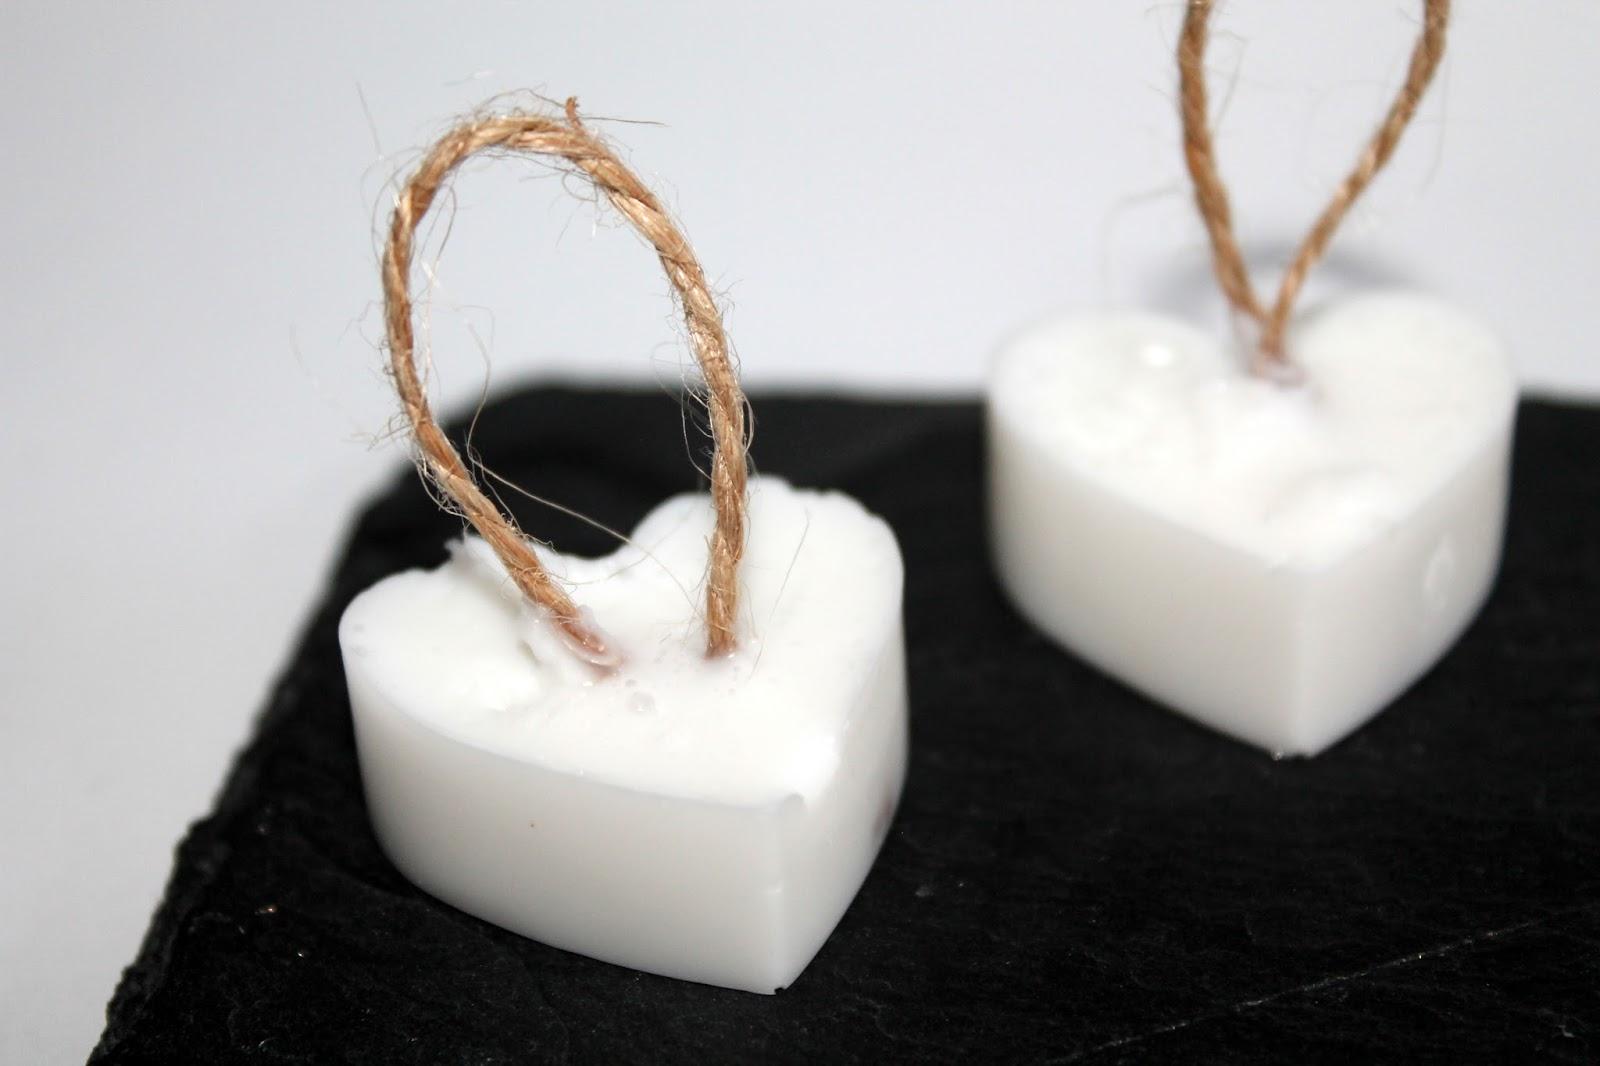 DIY, Basteln: Seifenherzen mit Kordel Vanille als Geschenkidee, Kosmetik, Beauty und Wohndekoration - DIYCarinchen